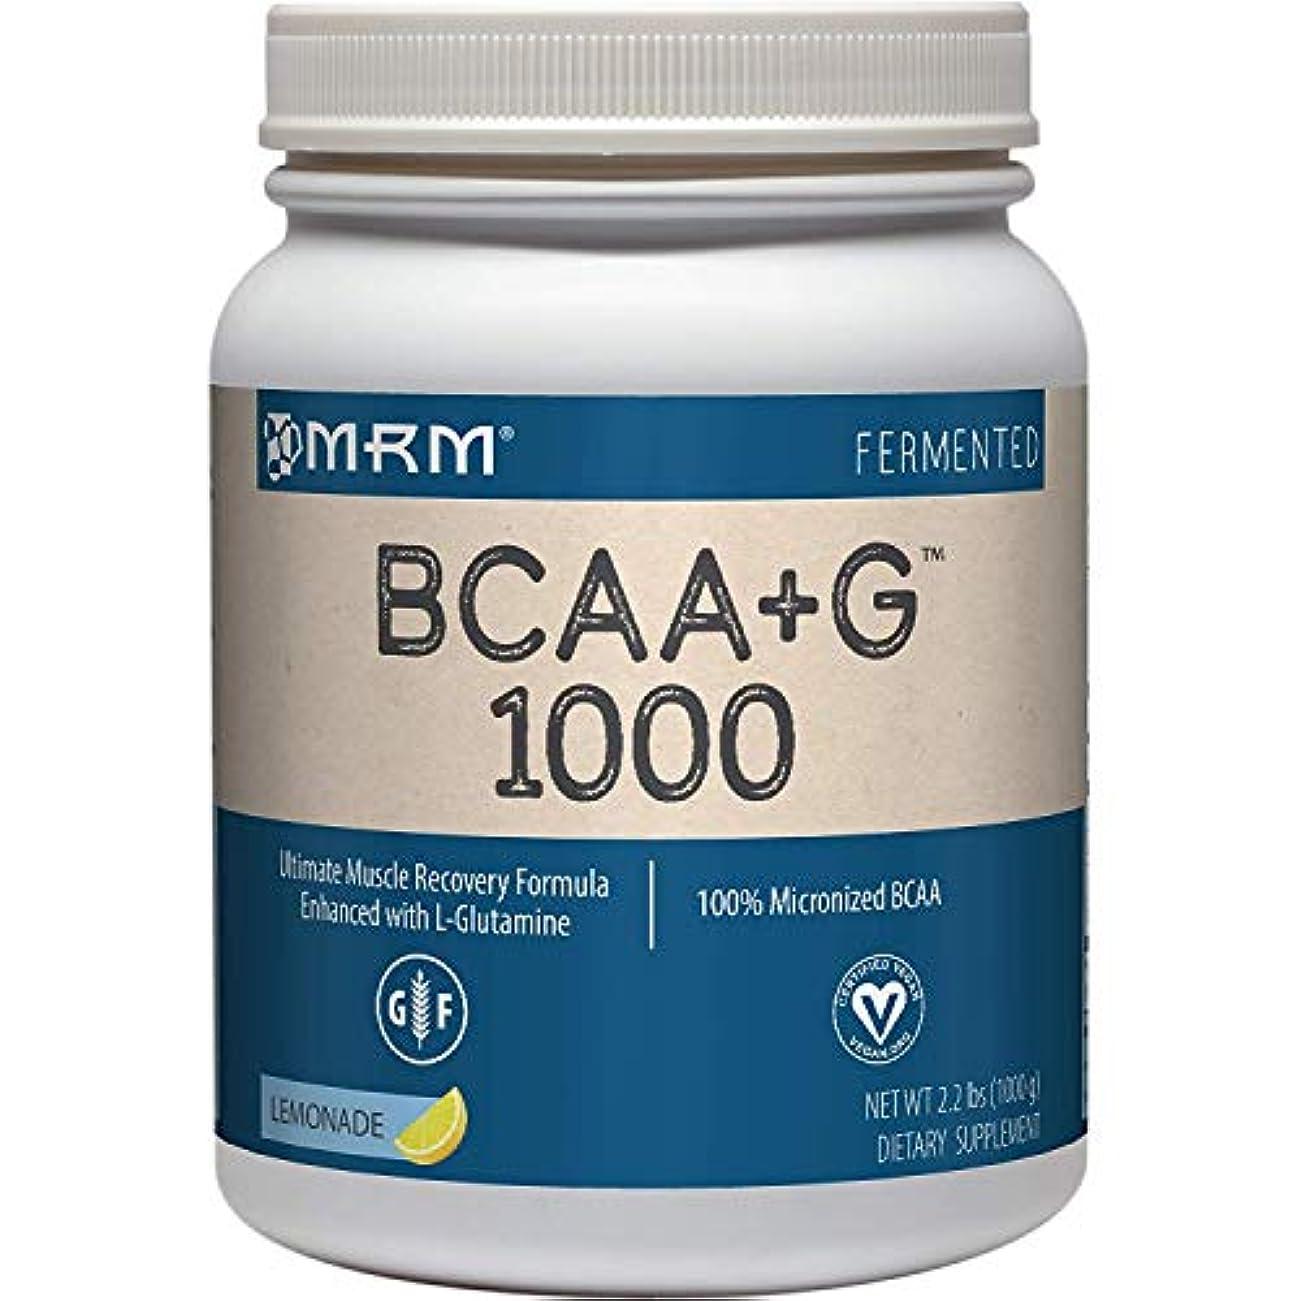 コマース重要な大臣【2個セット】 BCAA(分岐鎖アミノ酸)+Lグルタミン[海外直送品]